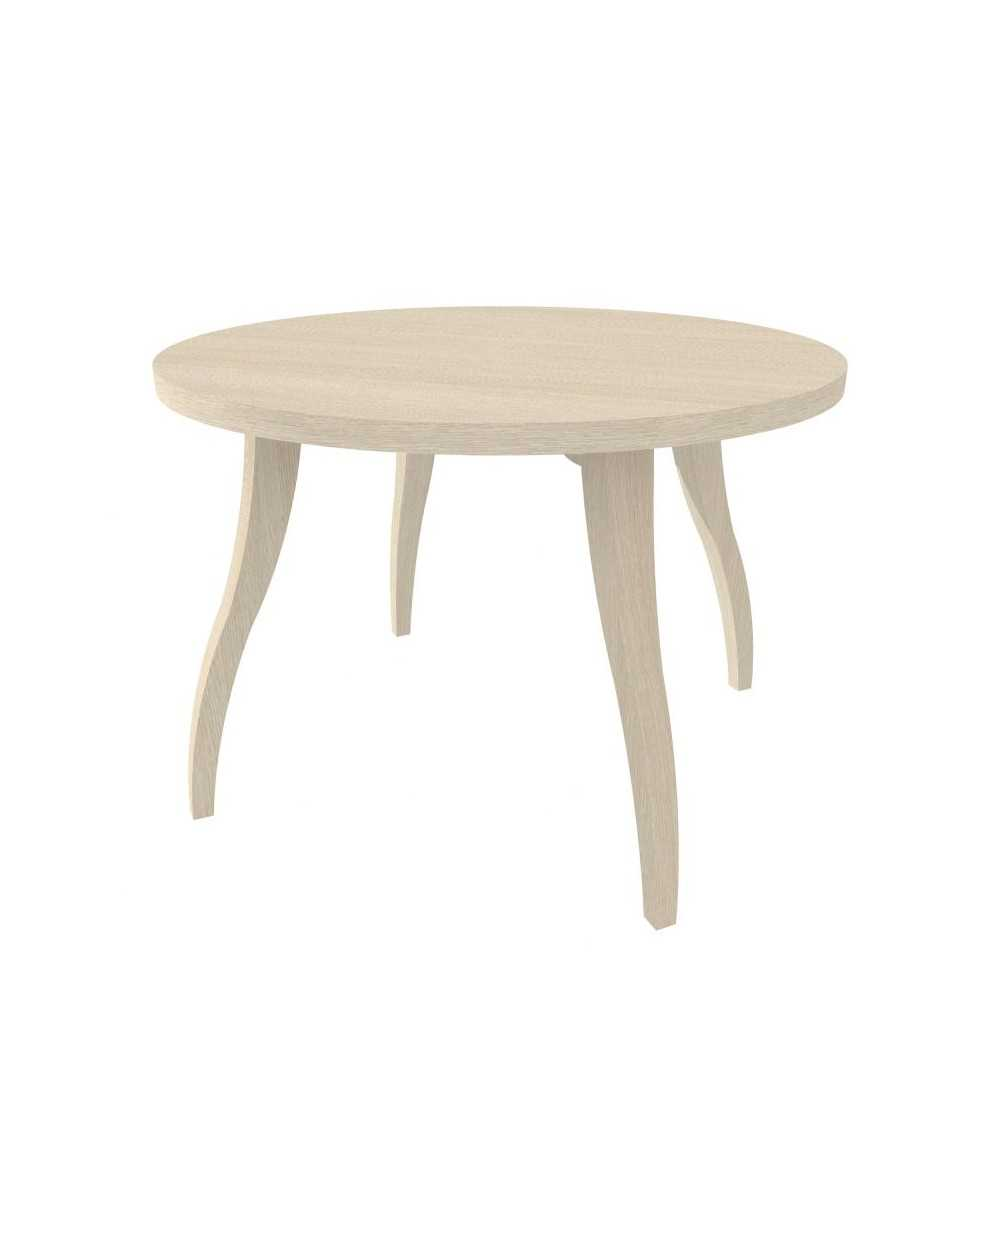 Table de salon Flex ronde, Æ 80 cm x 55 cm, chêne grisé